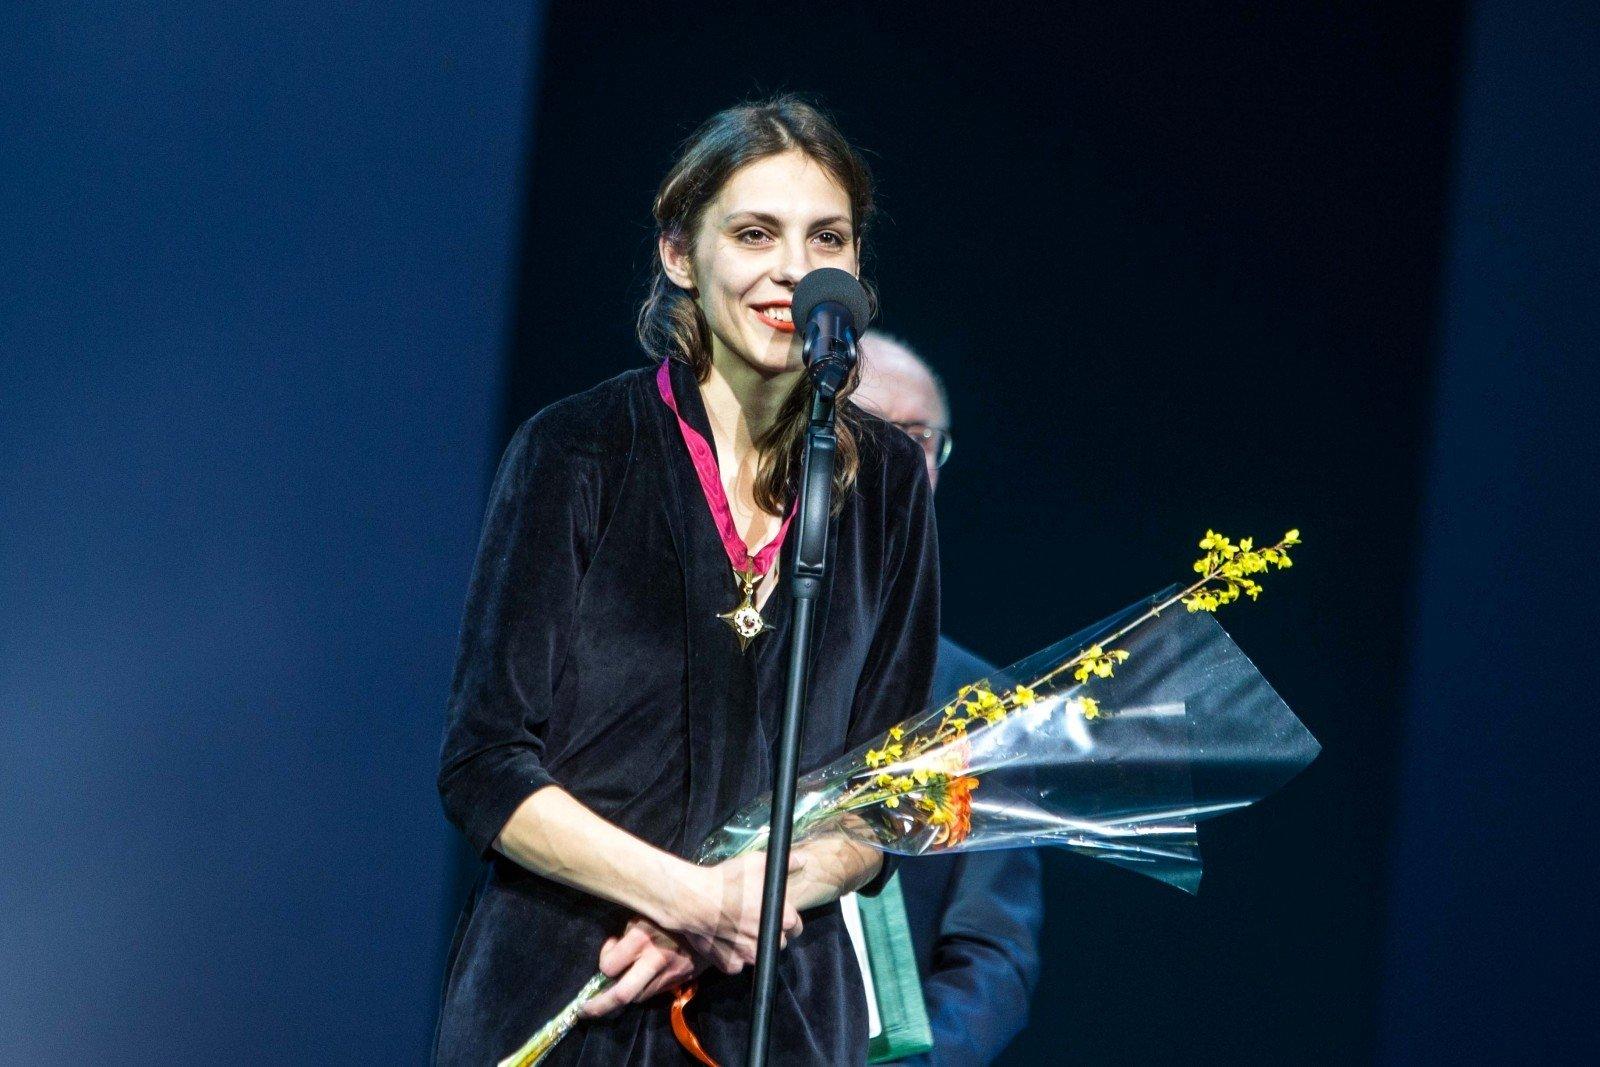 Артистка обвинила известного литовского кинорежиссера Бартаса в половых домогательствах